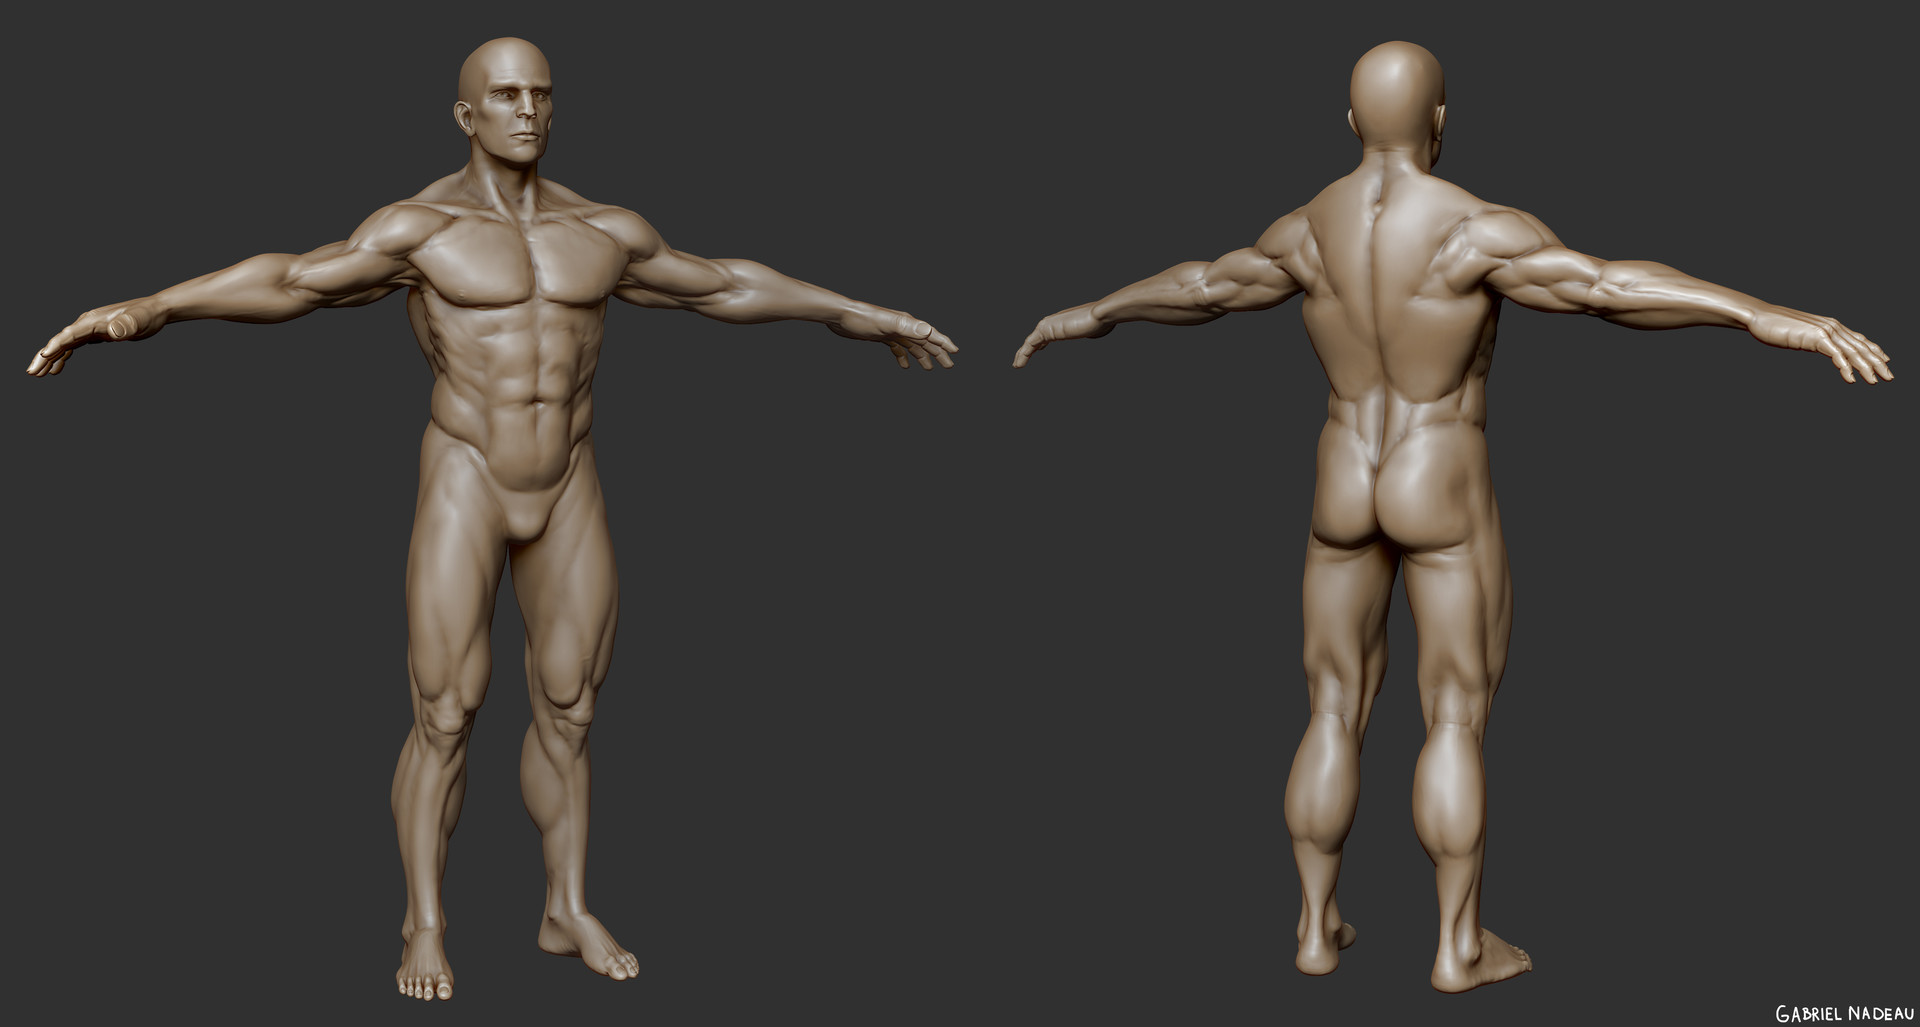 Gabriel Nadeau – Portfolio - Male Anatomy Study